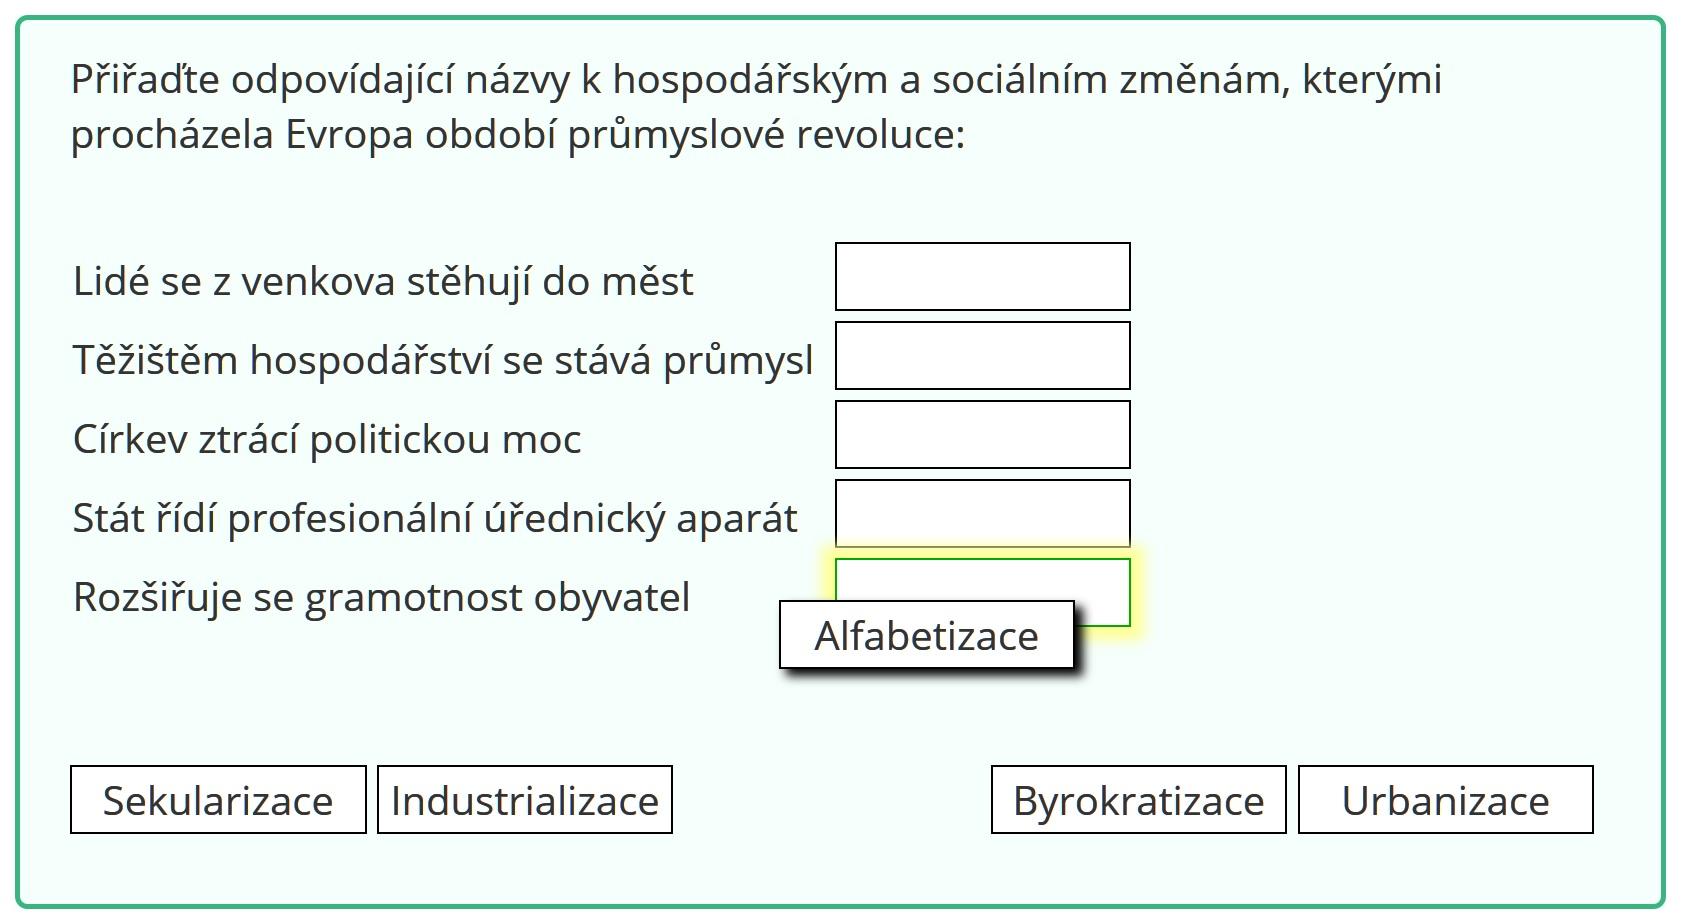 Typ úlohy: Přesouvání textu do cílových políček